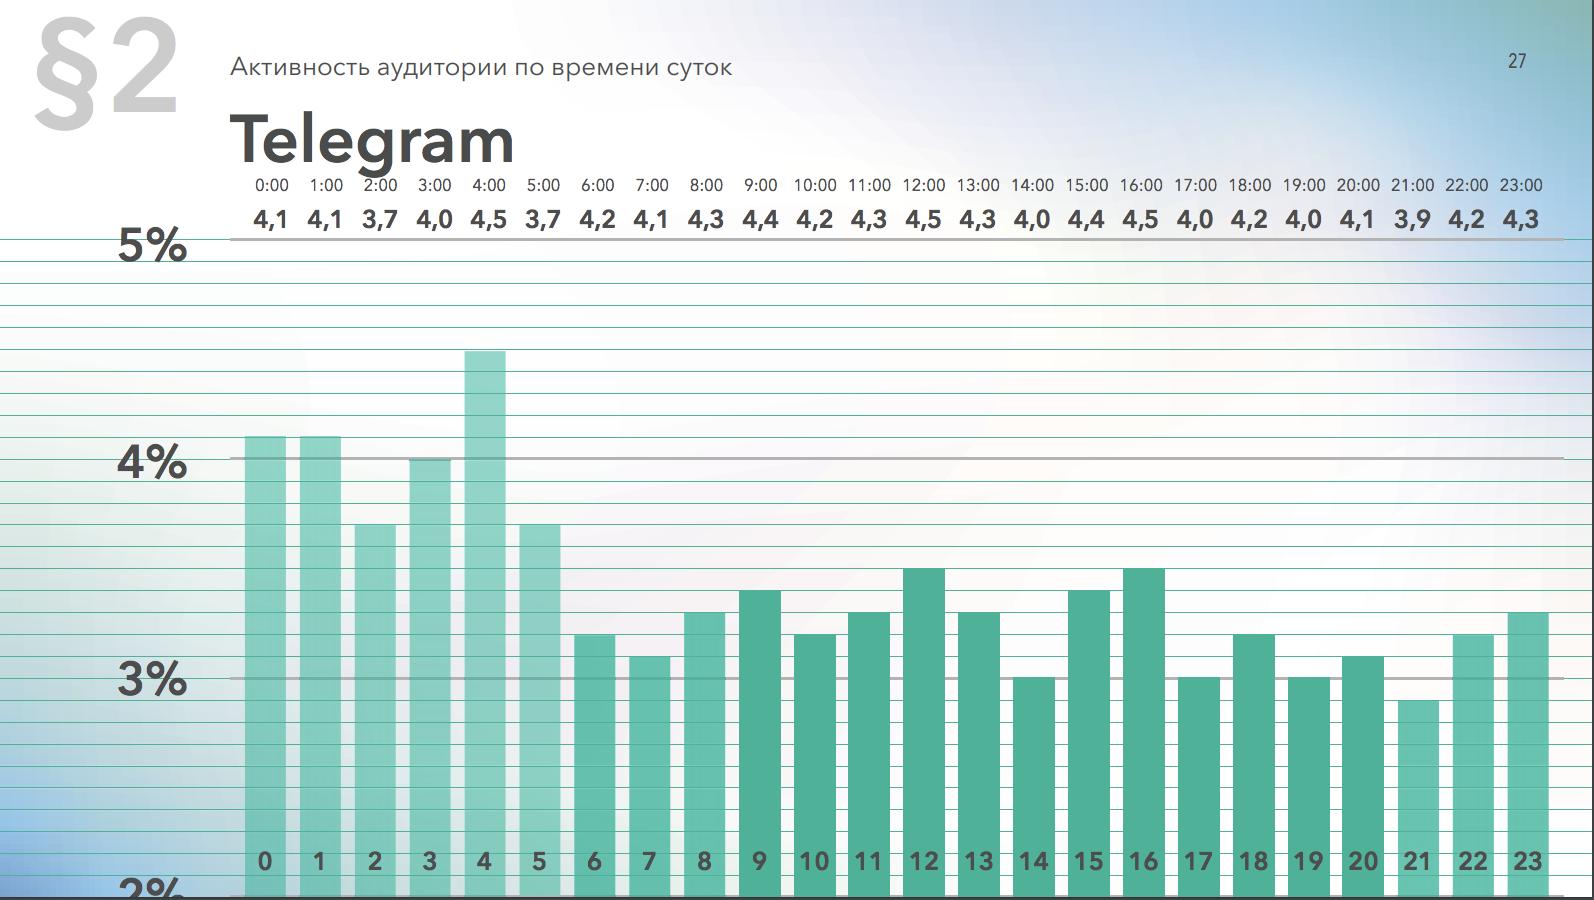 Активность аудитории в Telegram по времени суток